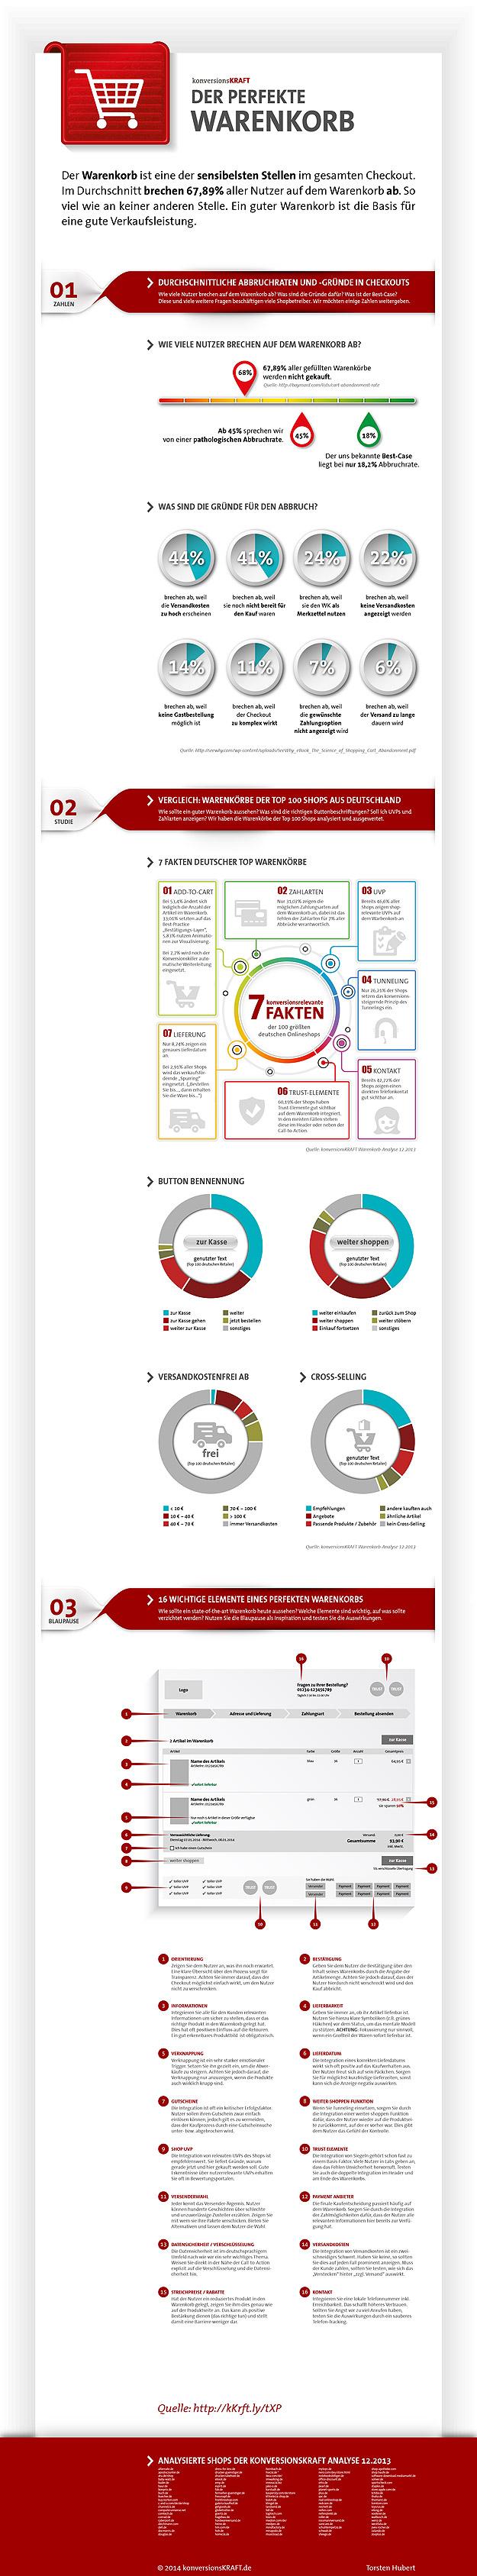 Der perfekte Warenkorb - Infografik von Konversionskraft